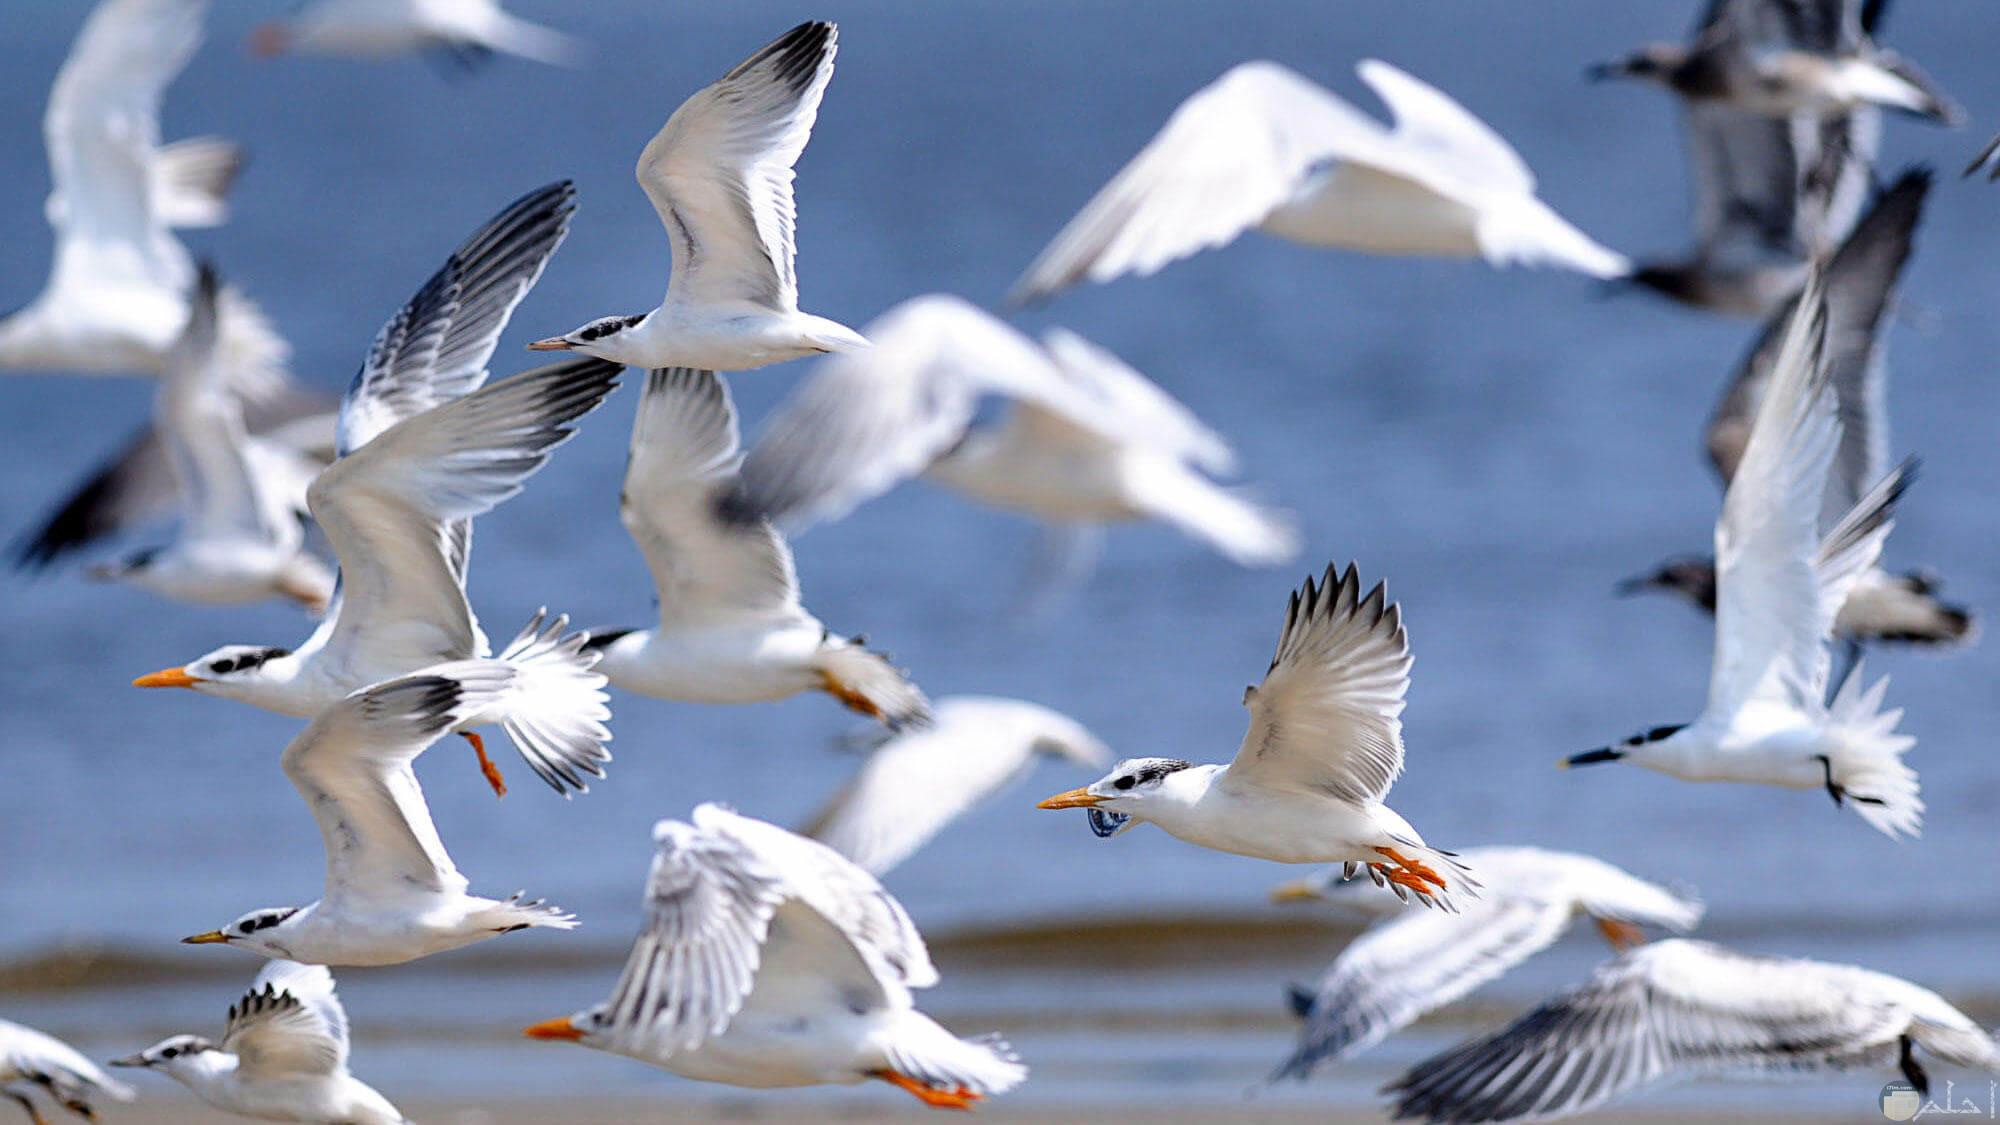 الطيور البرية الجميلة و هي تطير في السماء بحرية و أمان.